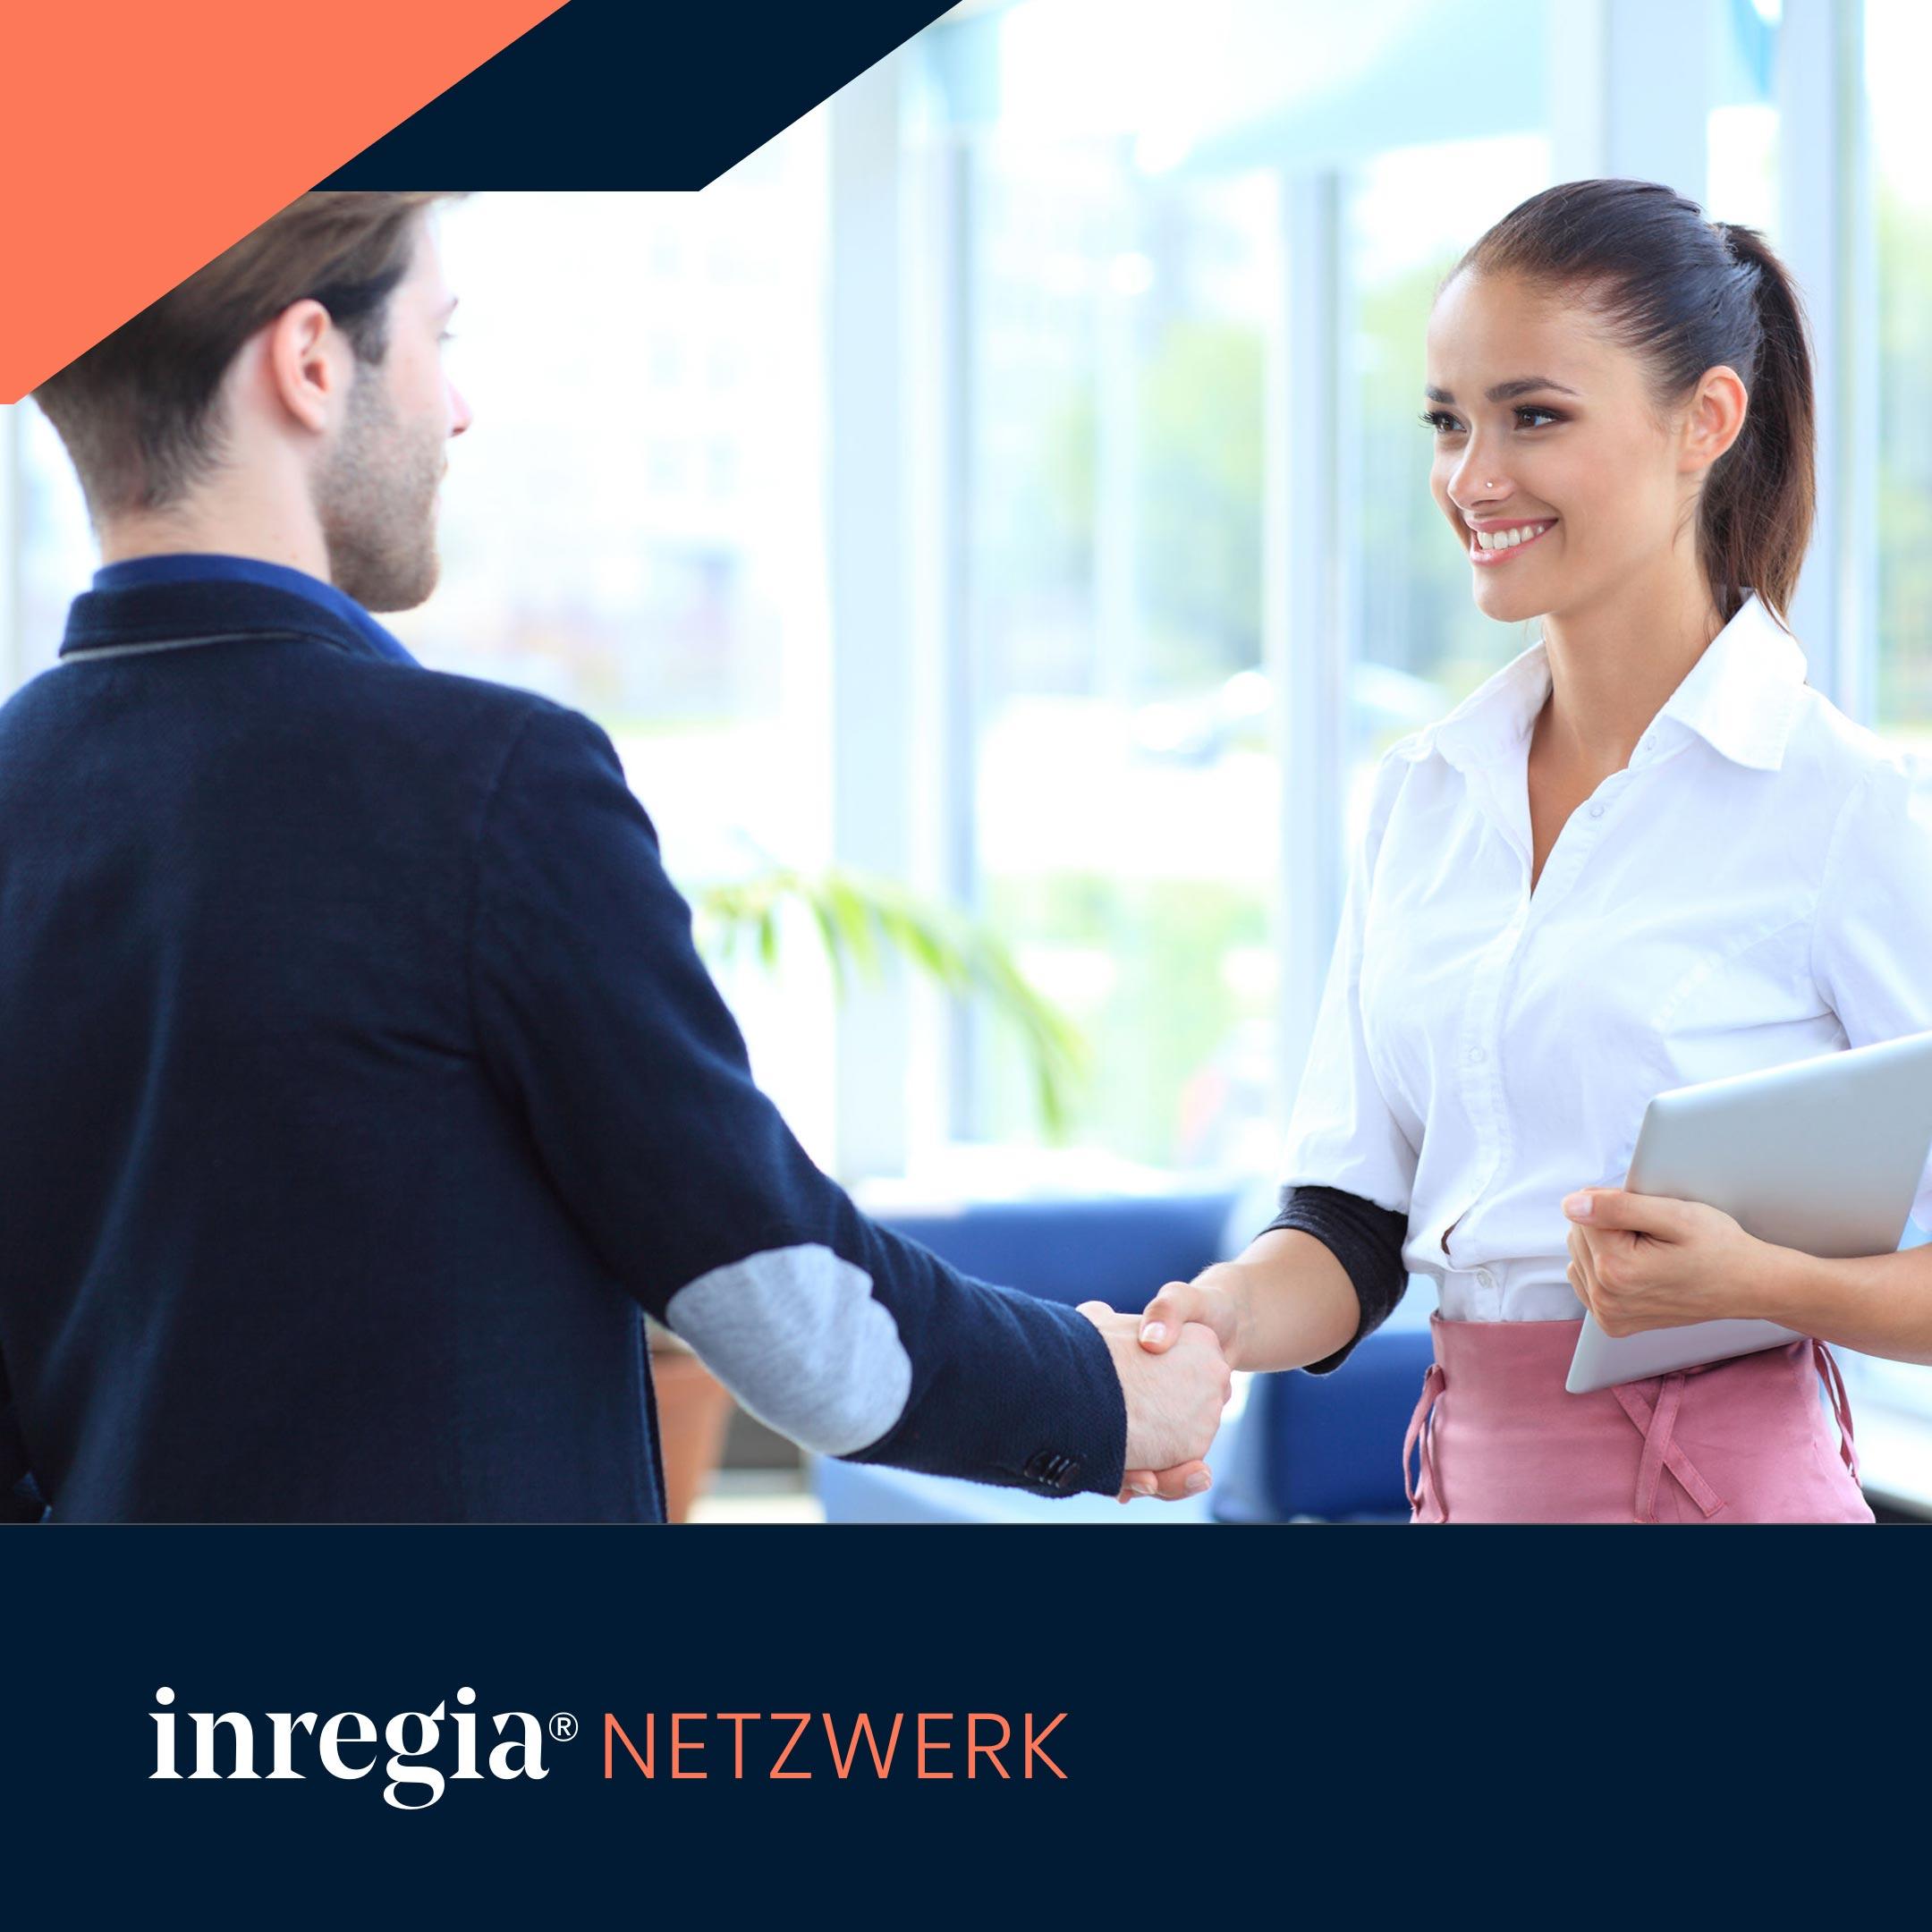 Vertriebsmitarbeiter Angebot Job Netzwerk Jobangebote zuverdienst Nebenjob Verkaufstalent Quereinsteiger